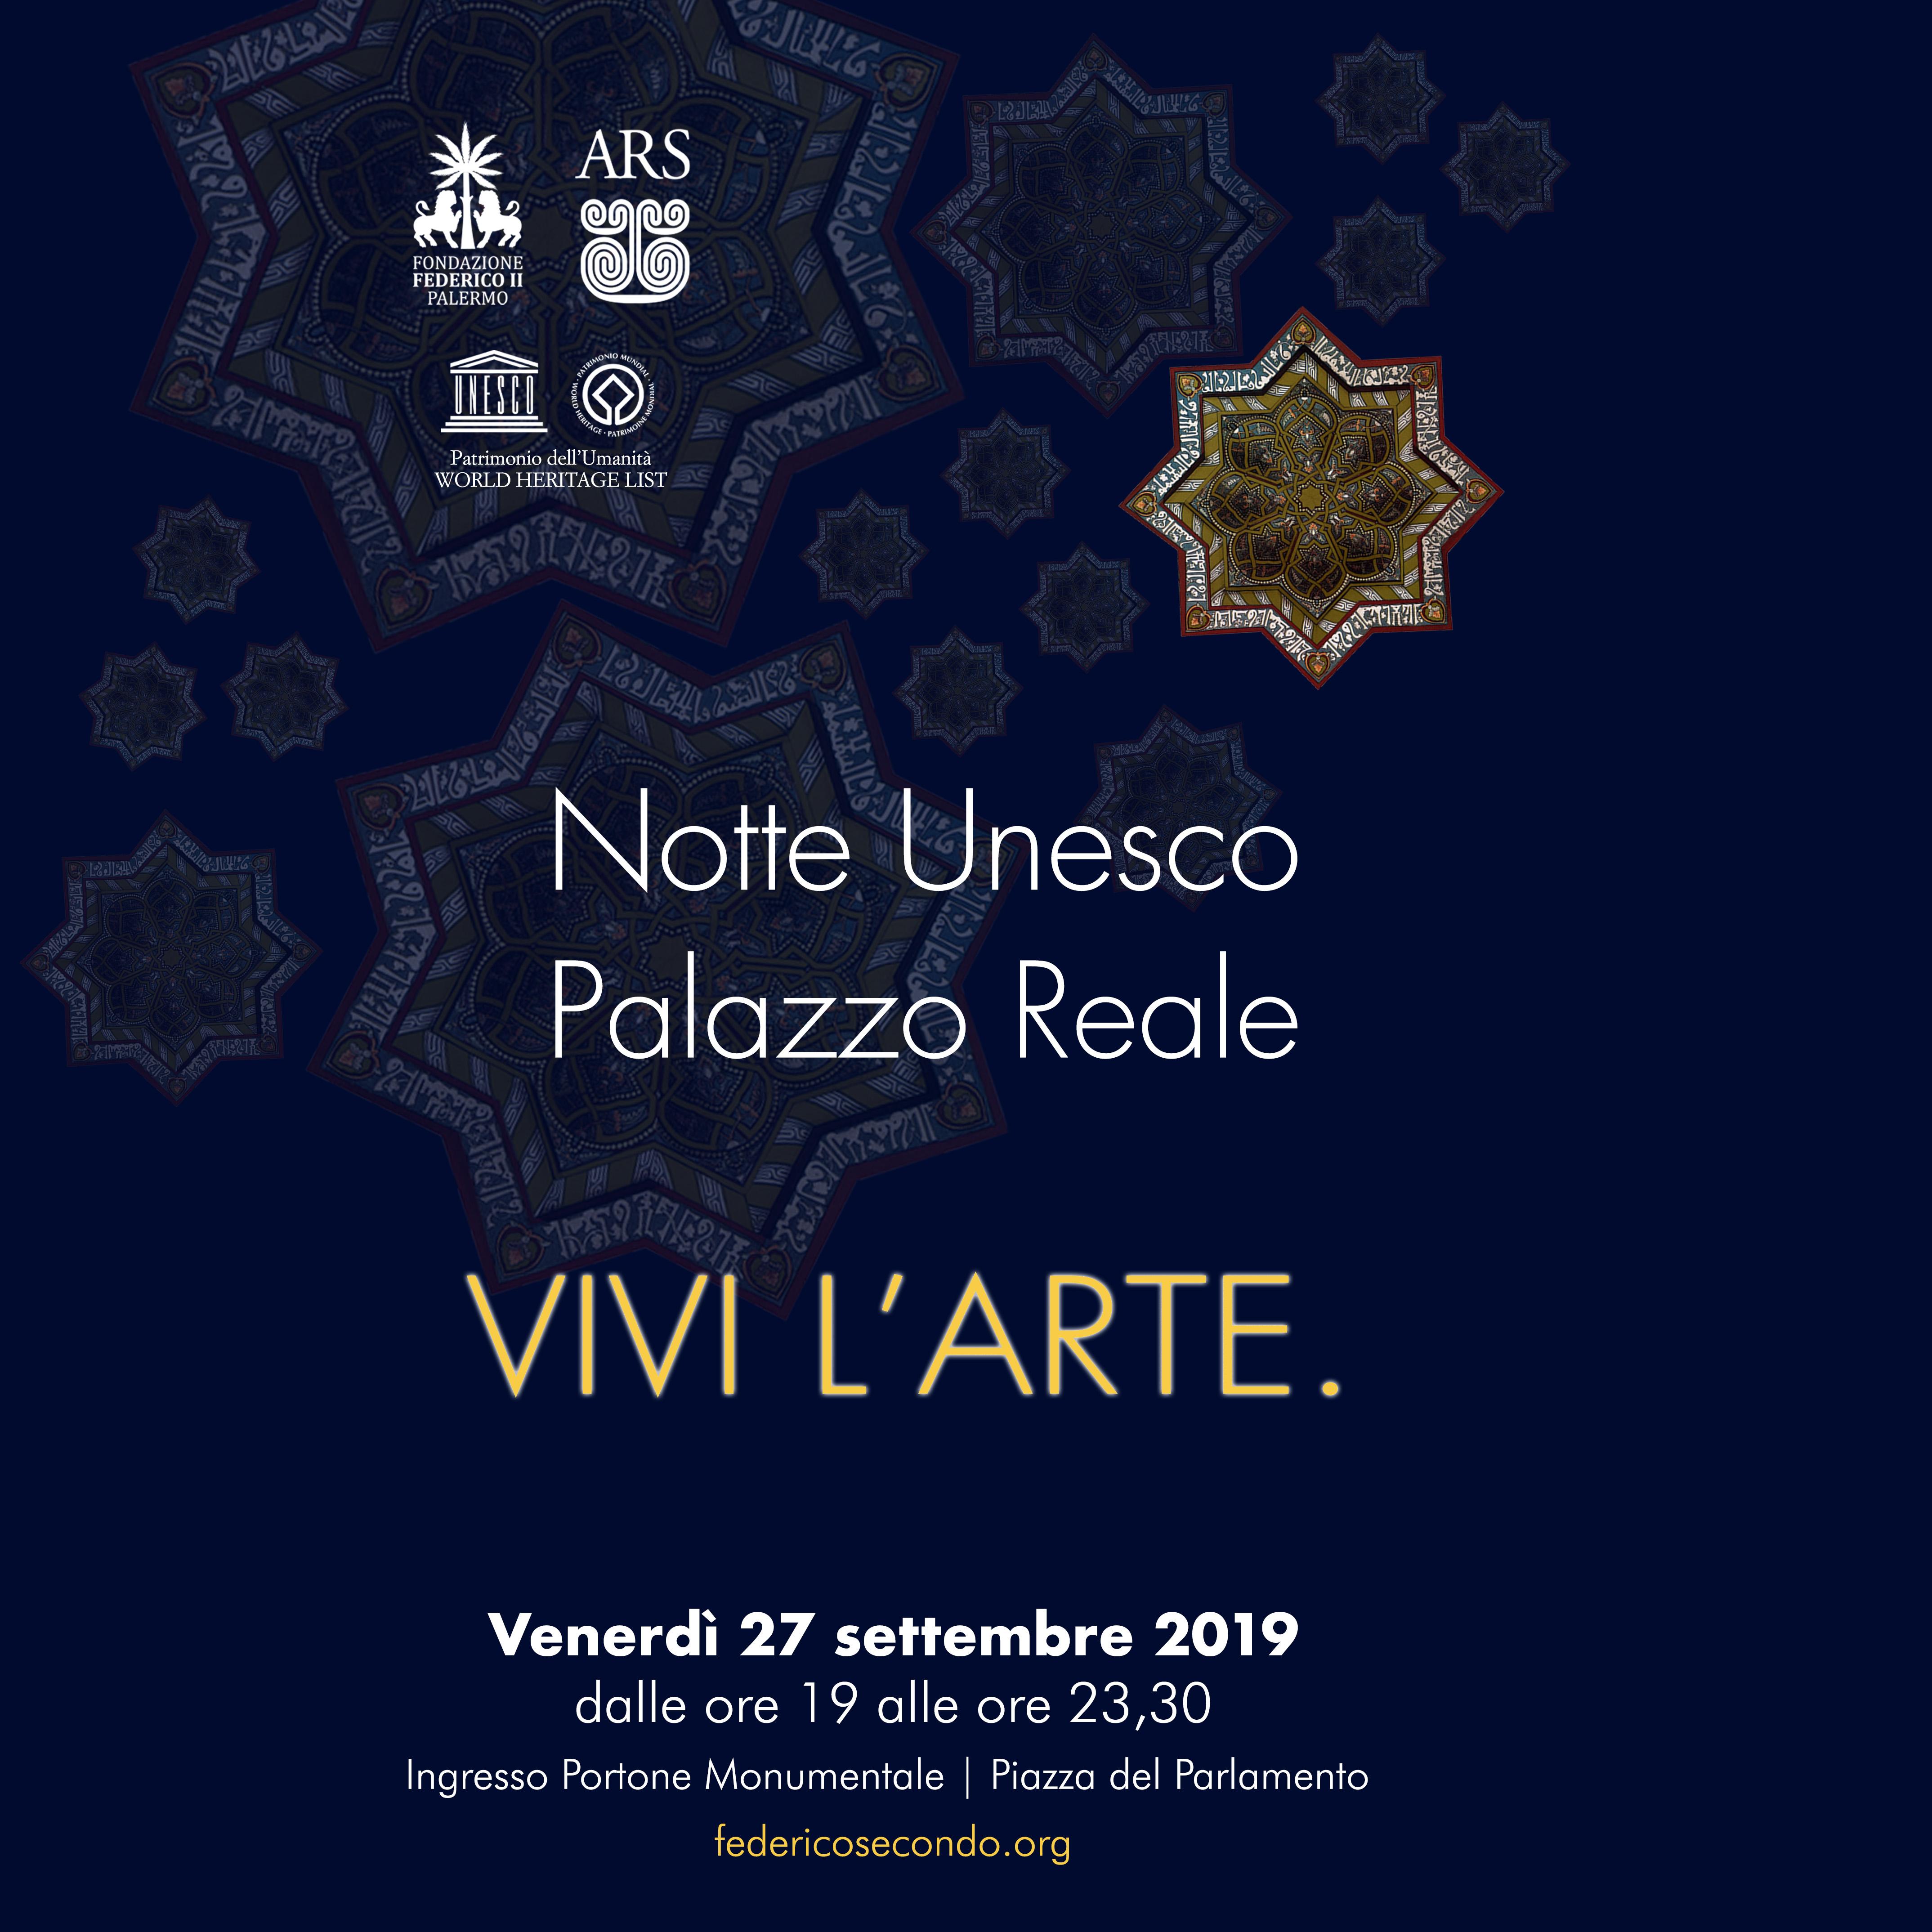 """""""Vivi l'arte"""", la magia della Notte Bianca Unesco a Palazzo Reale – Video"""